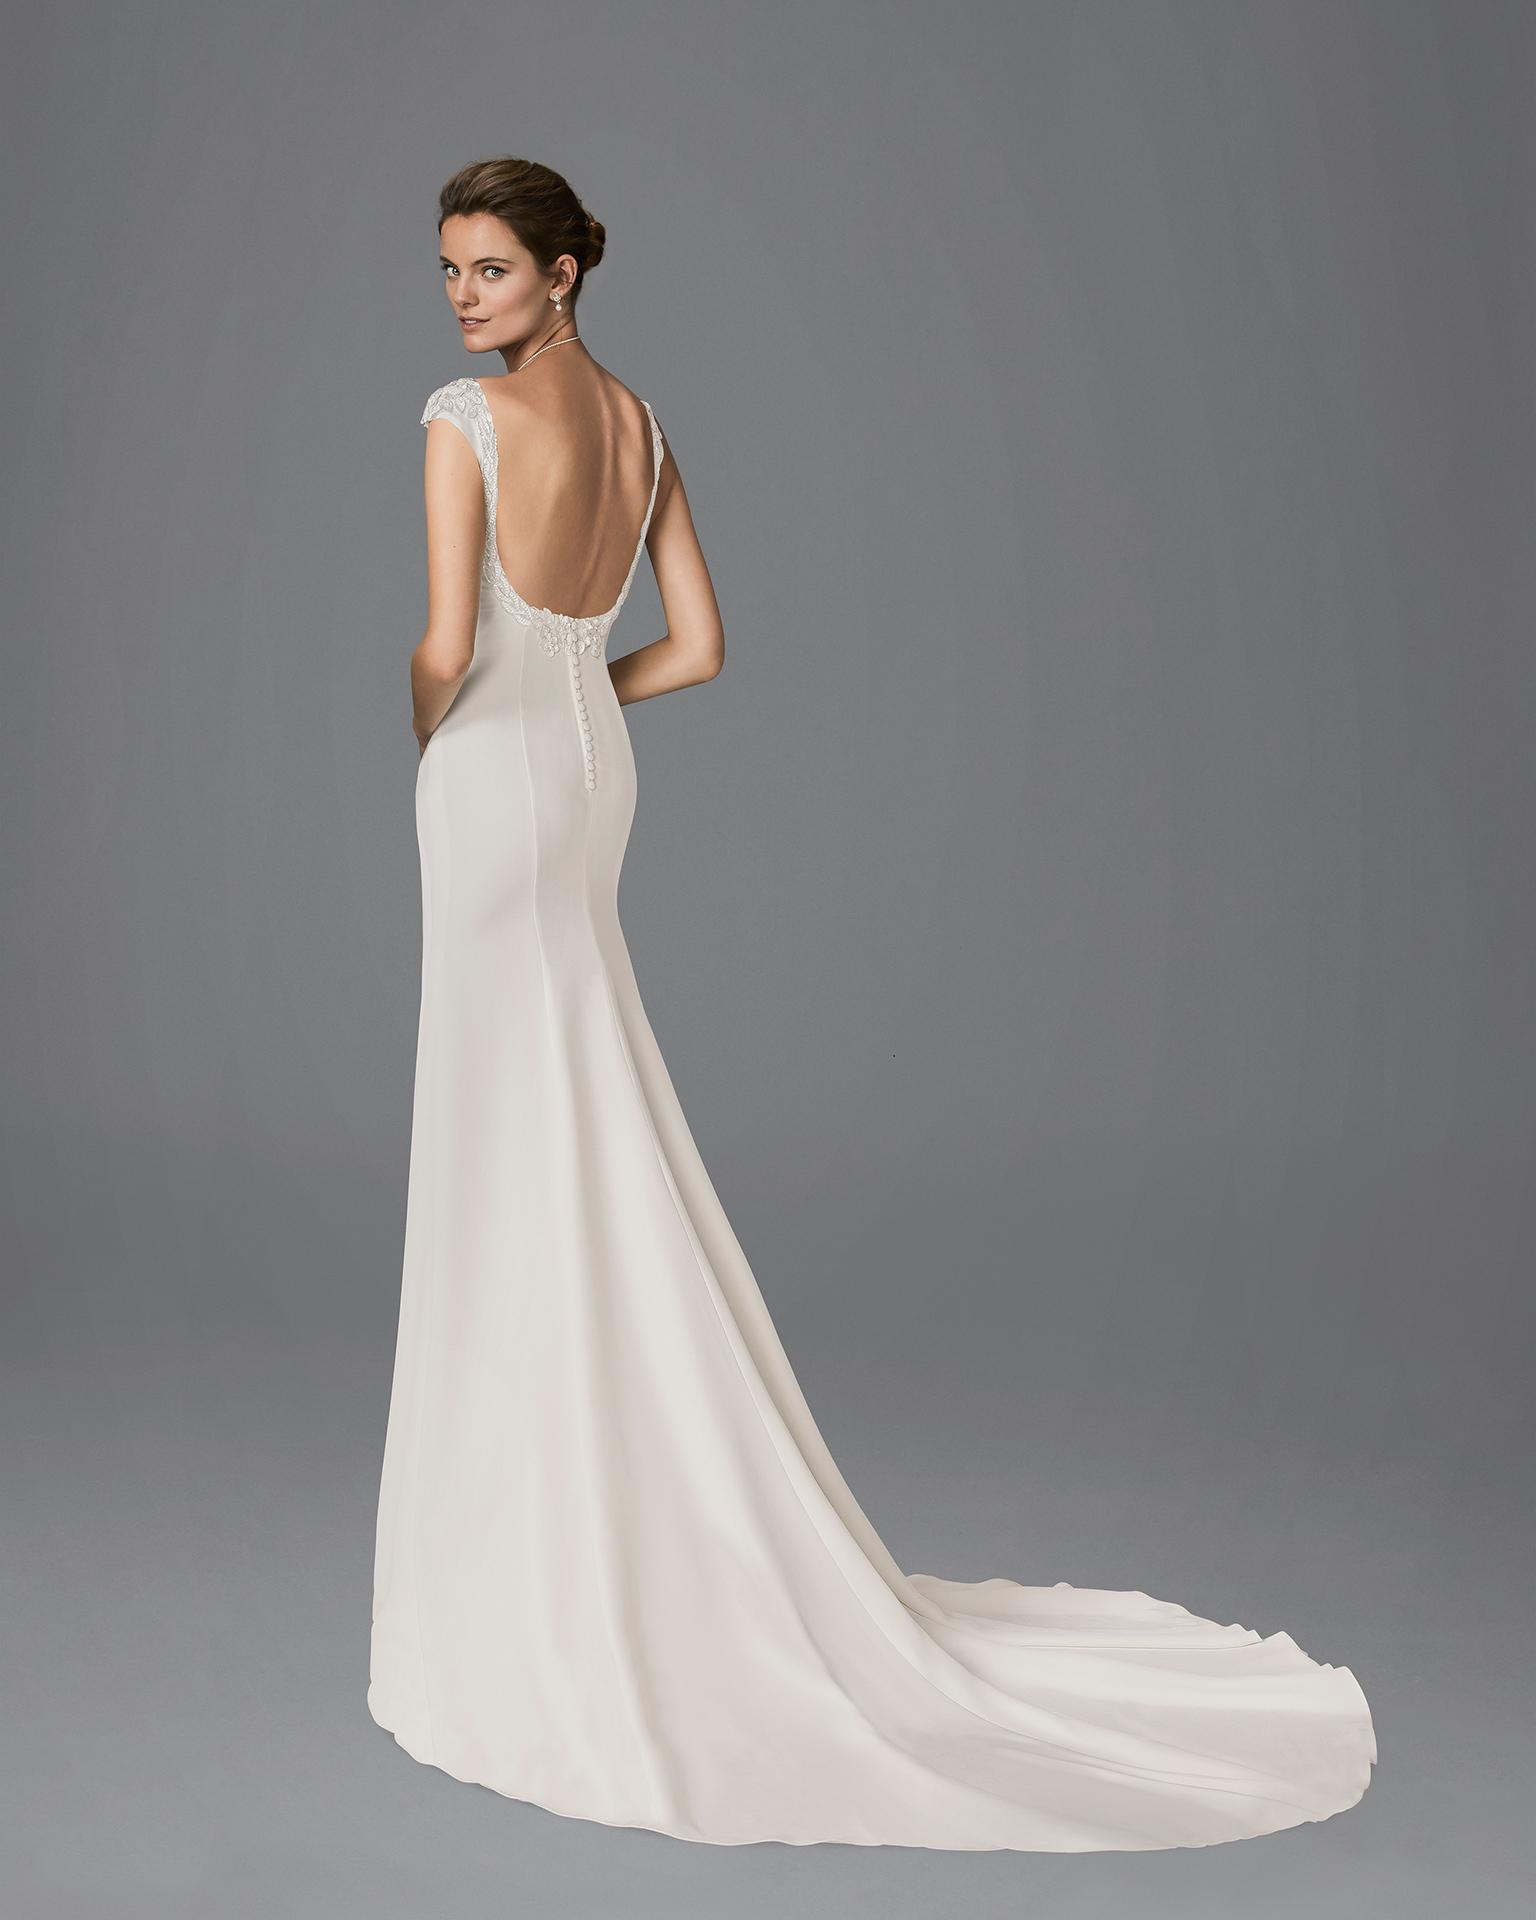 Vestido de novia de corte recto con arrastre en crepe, con escote barco y espalda joya de pedrería frost.